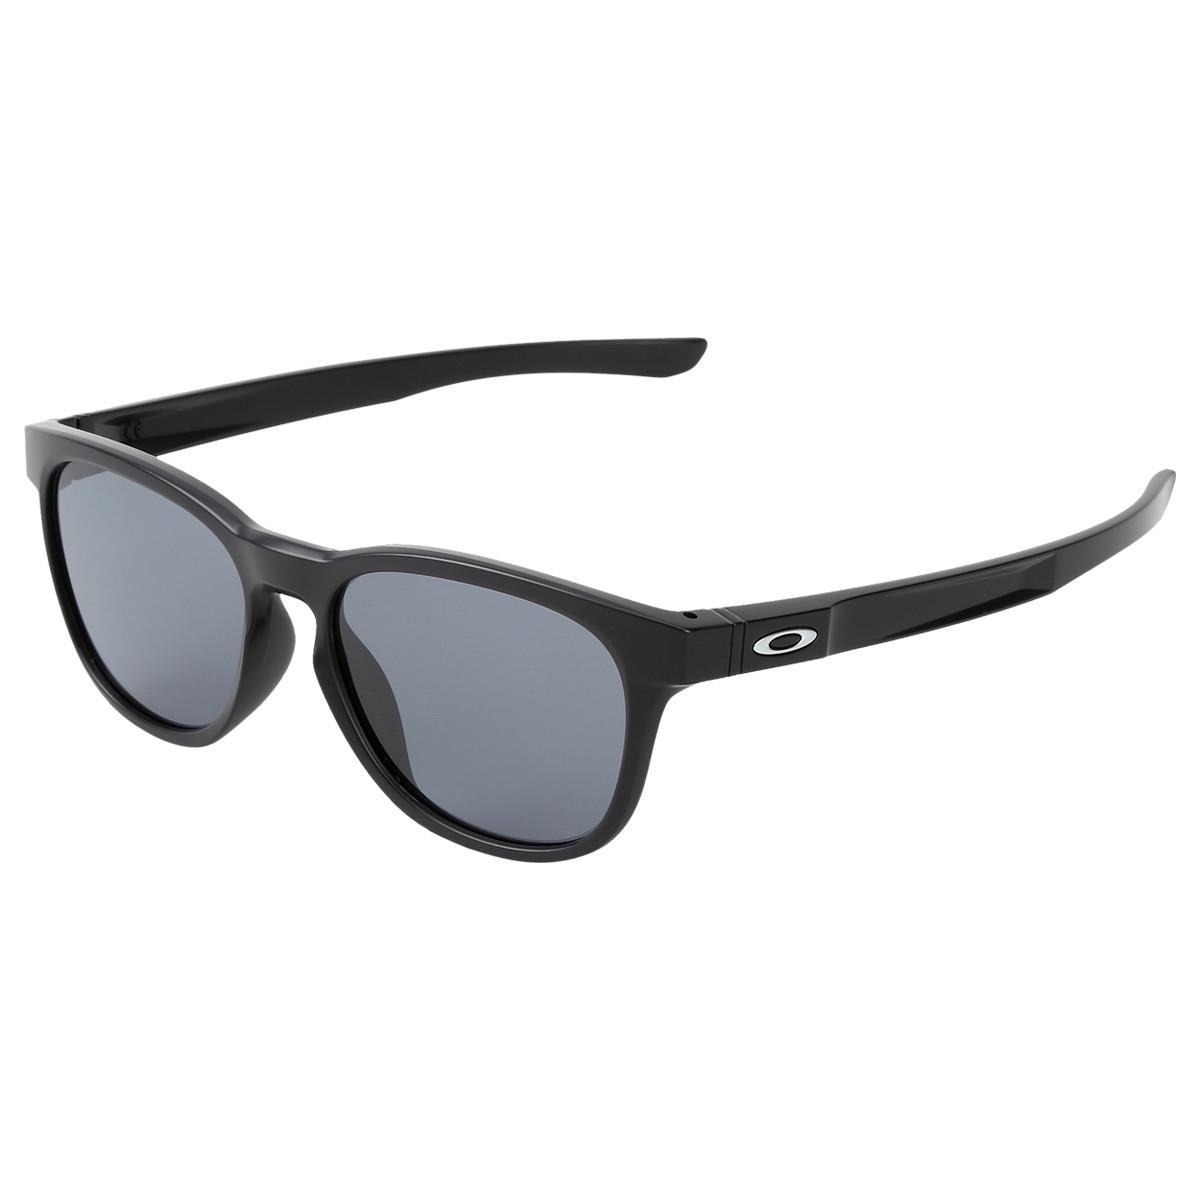 Óculos Oakley Stringer Matte Black Lente Grey ref OO931501 cbab2e8988